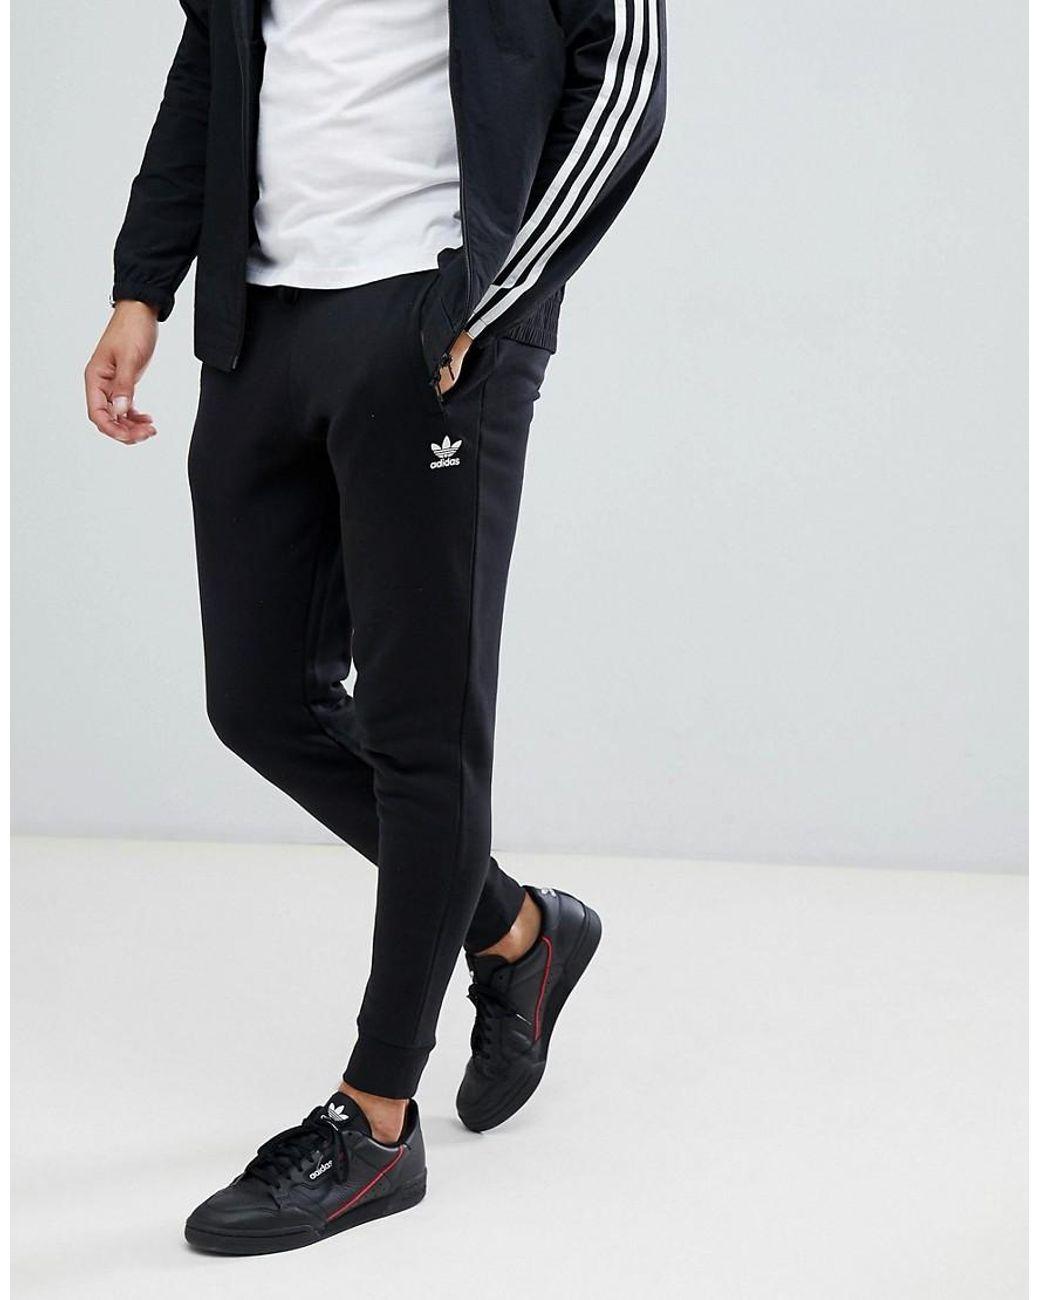 adidas originals hochwertige enge jogginghose in schwarz